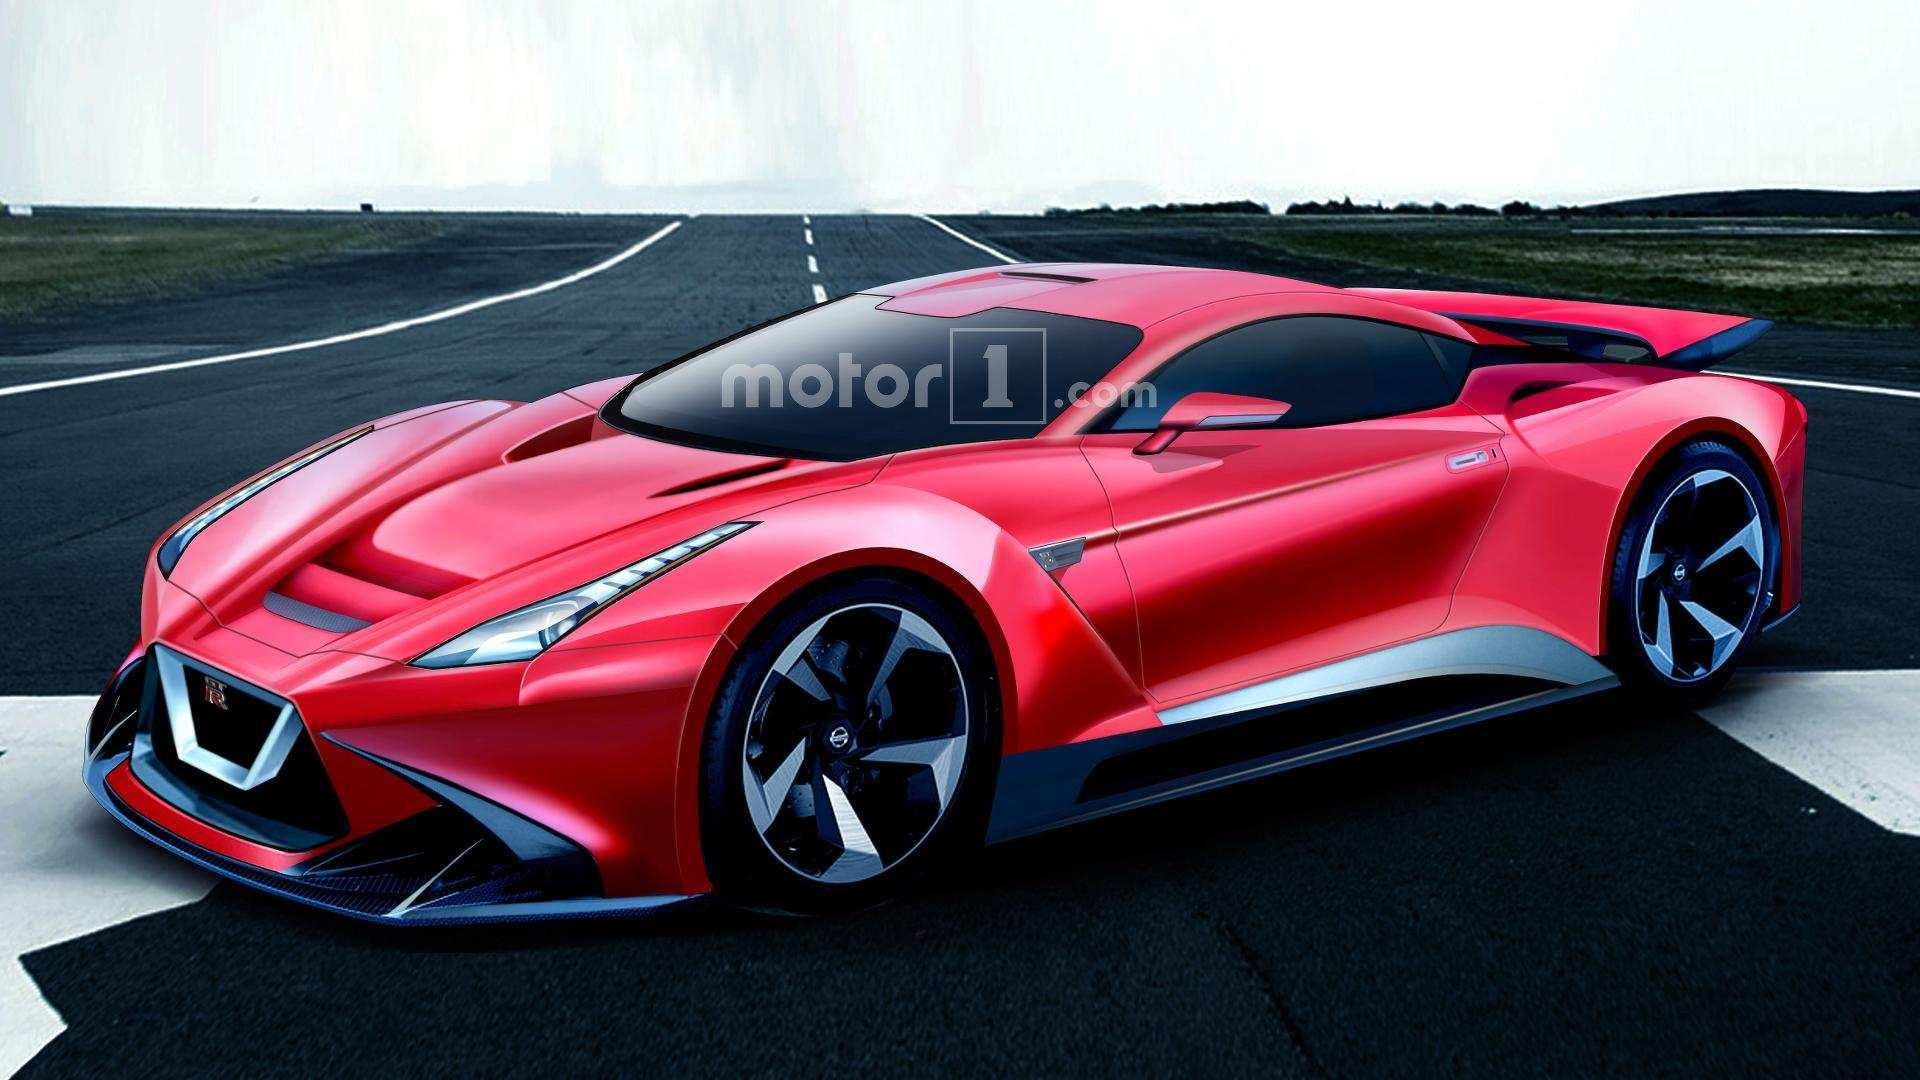 43 All New 2020 Nissan Skyline Gtr Concept with 2020 Nissan Skyline Gtr